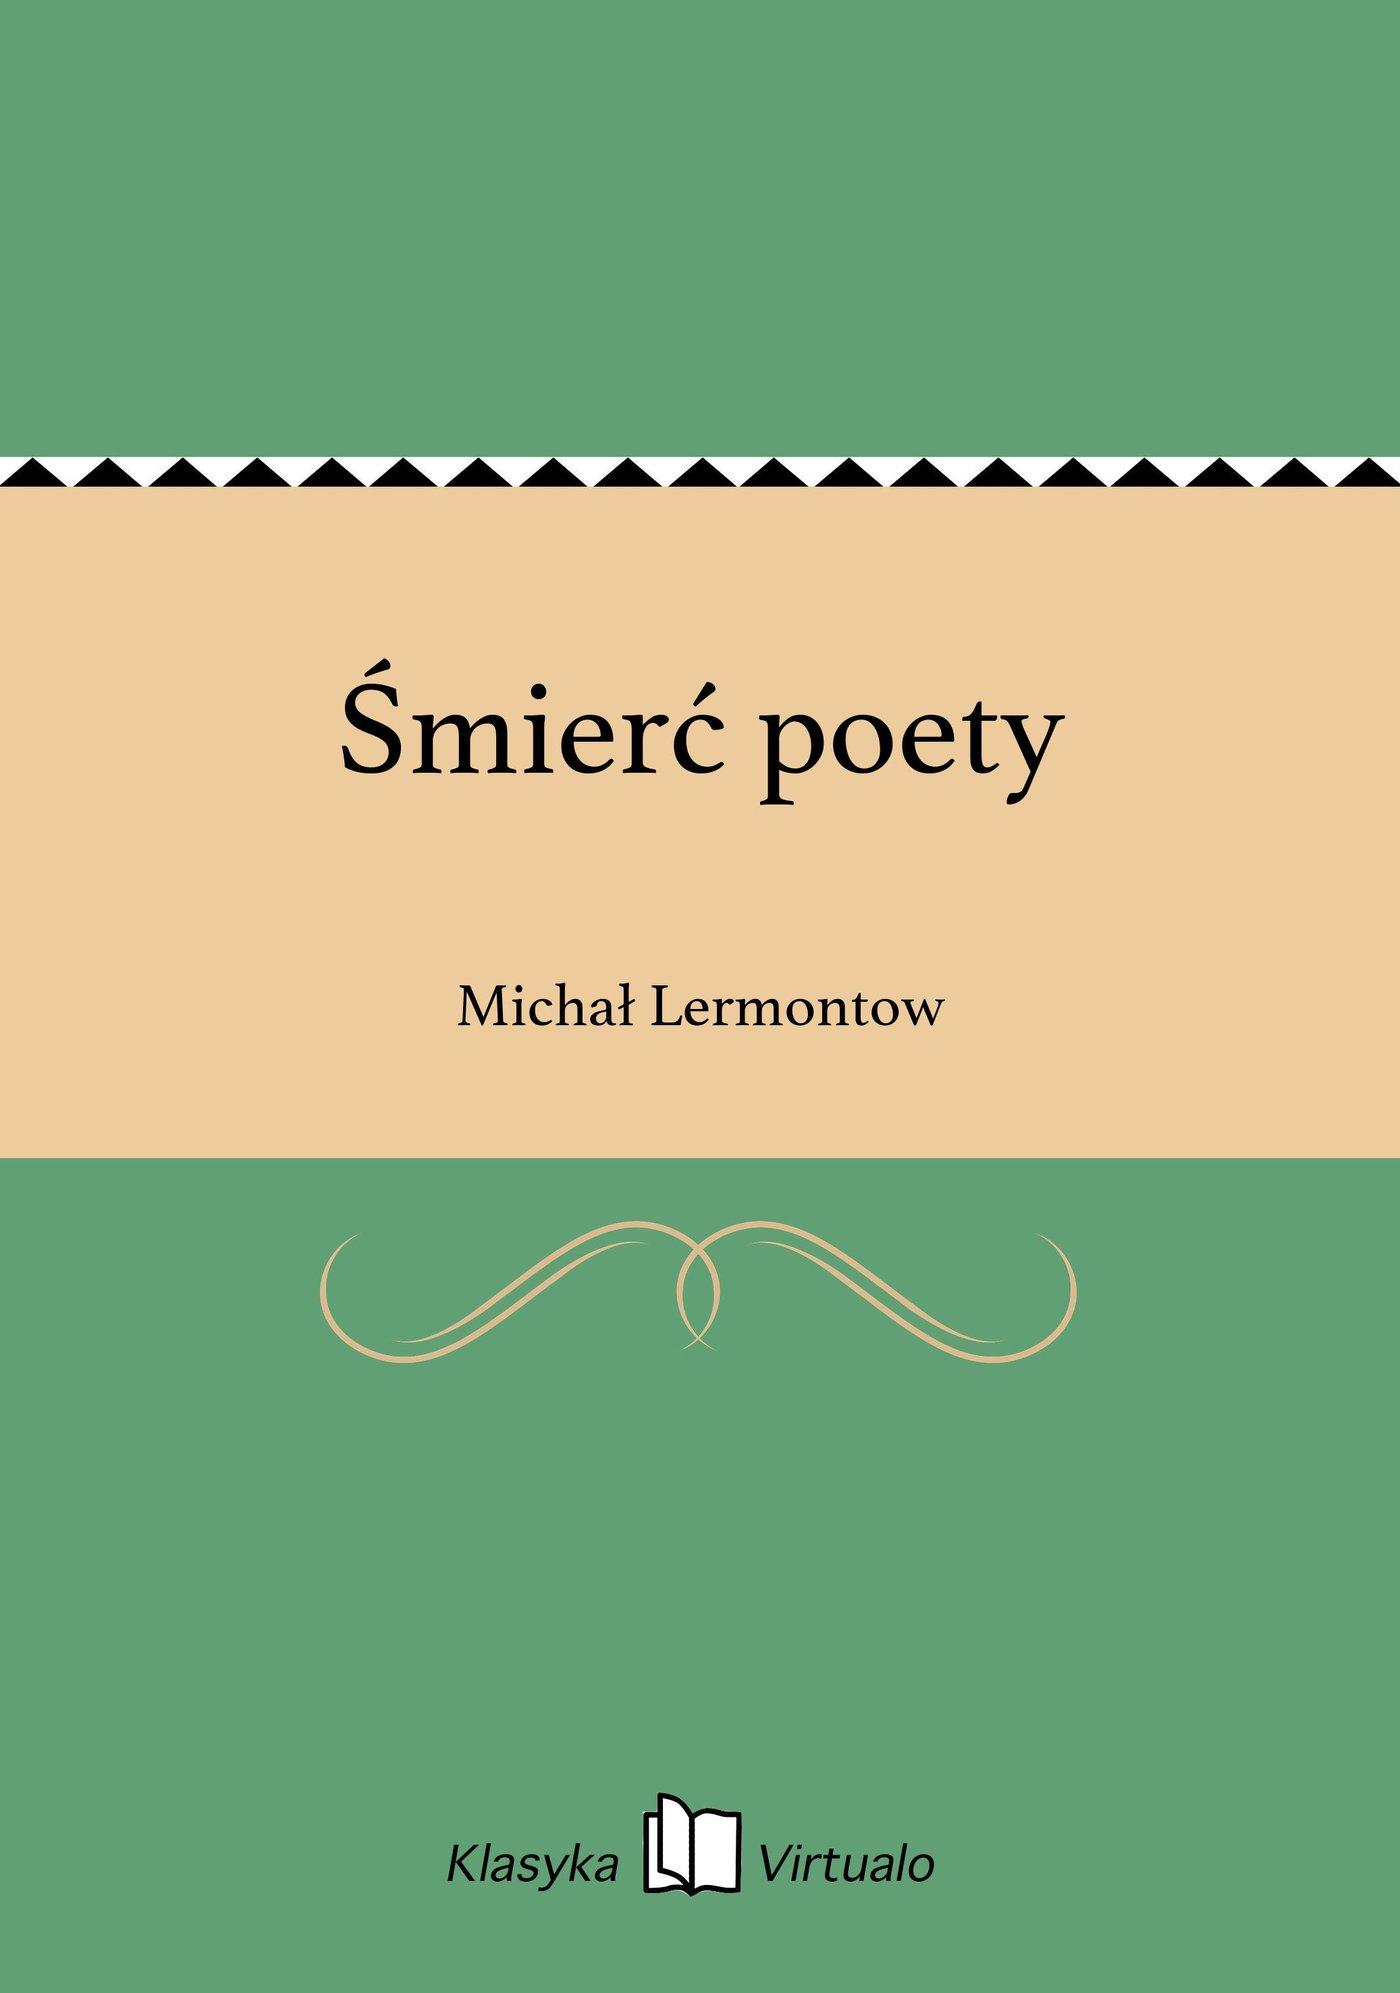 Śmierć poety - Ebook (Książka EPUB) do pobrania w formacie EPUB